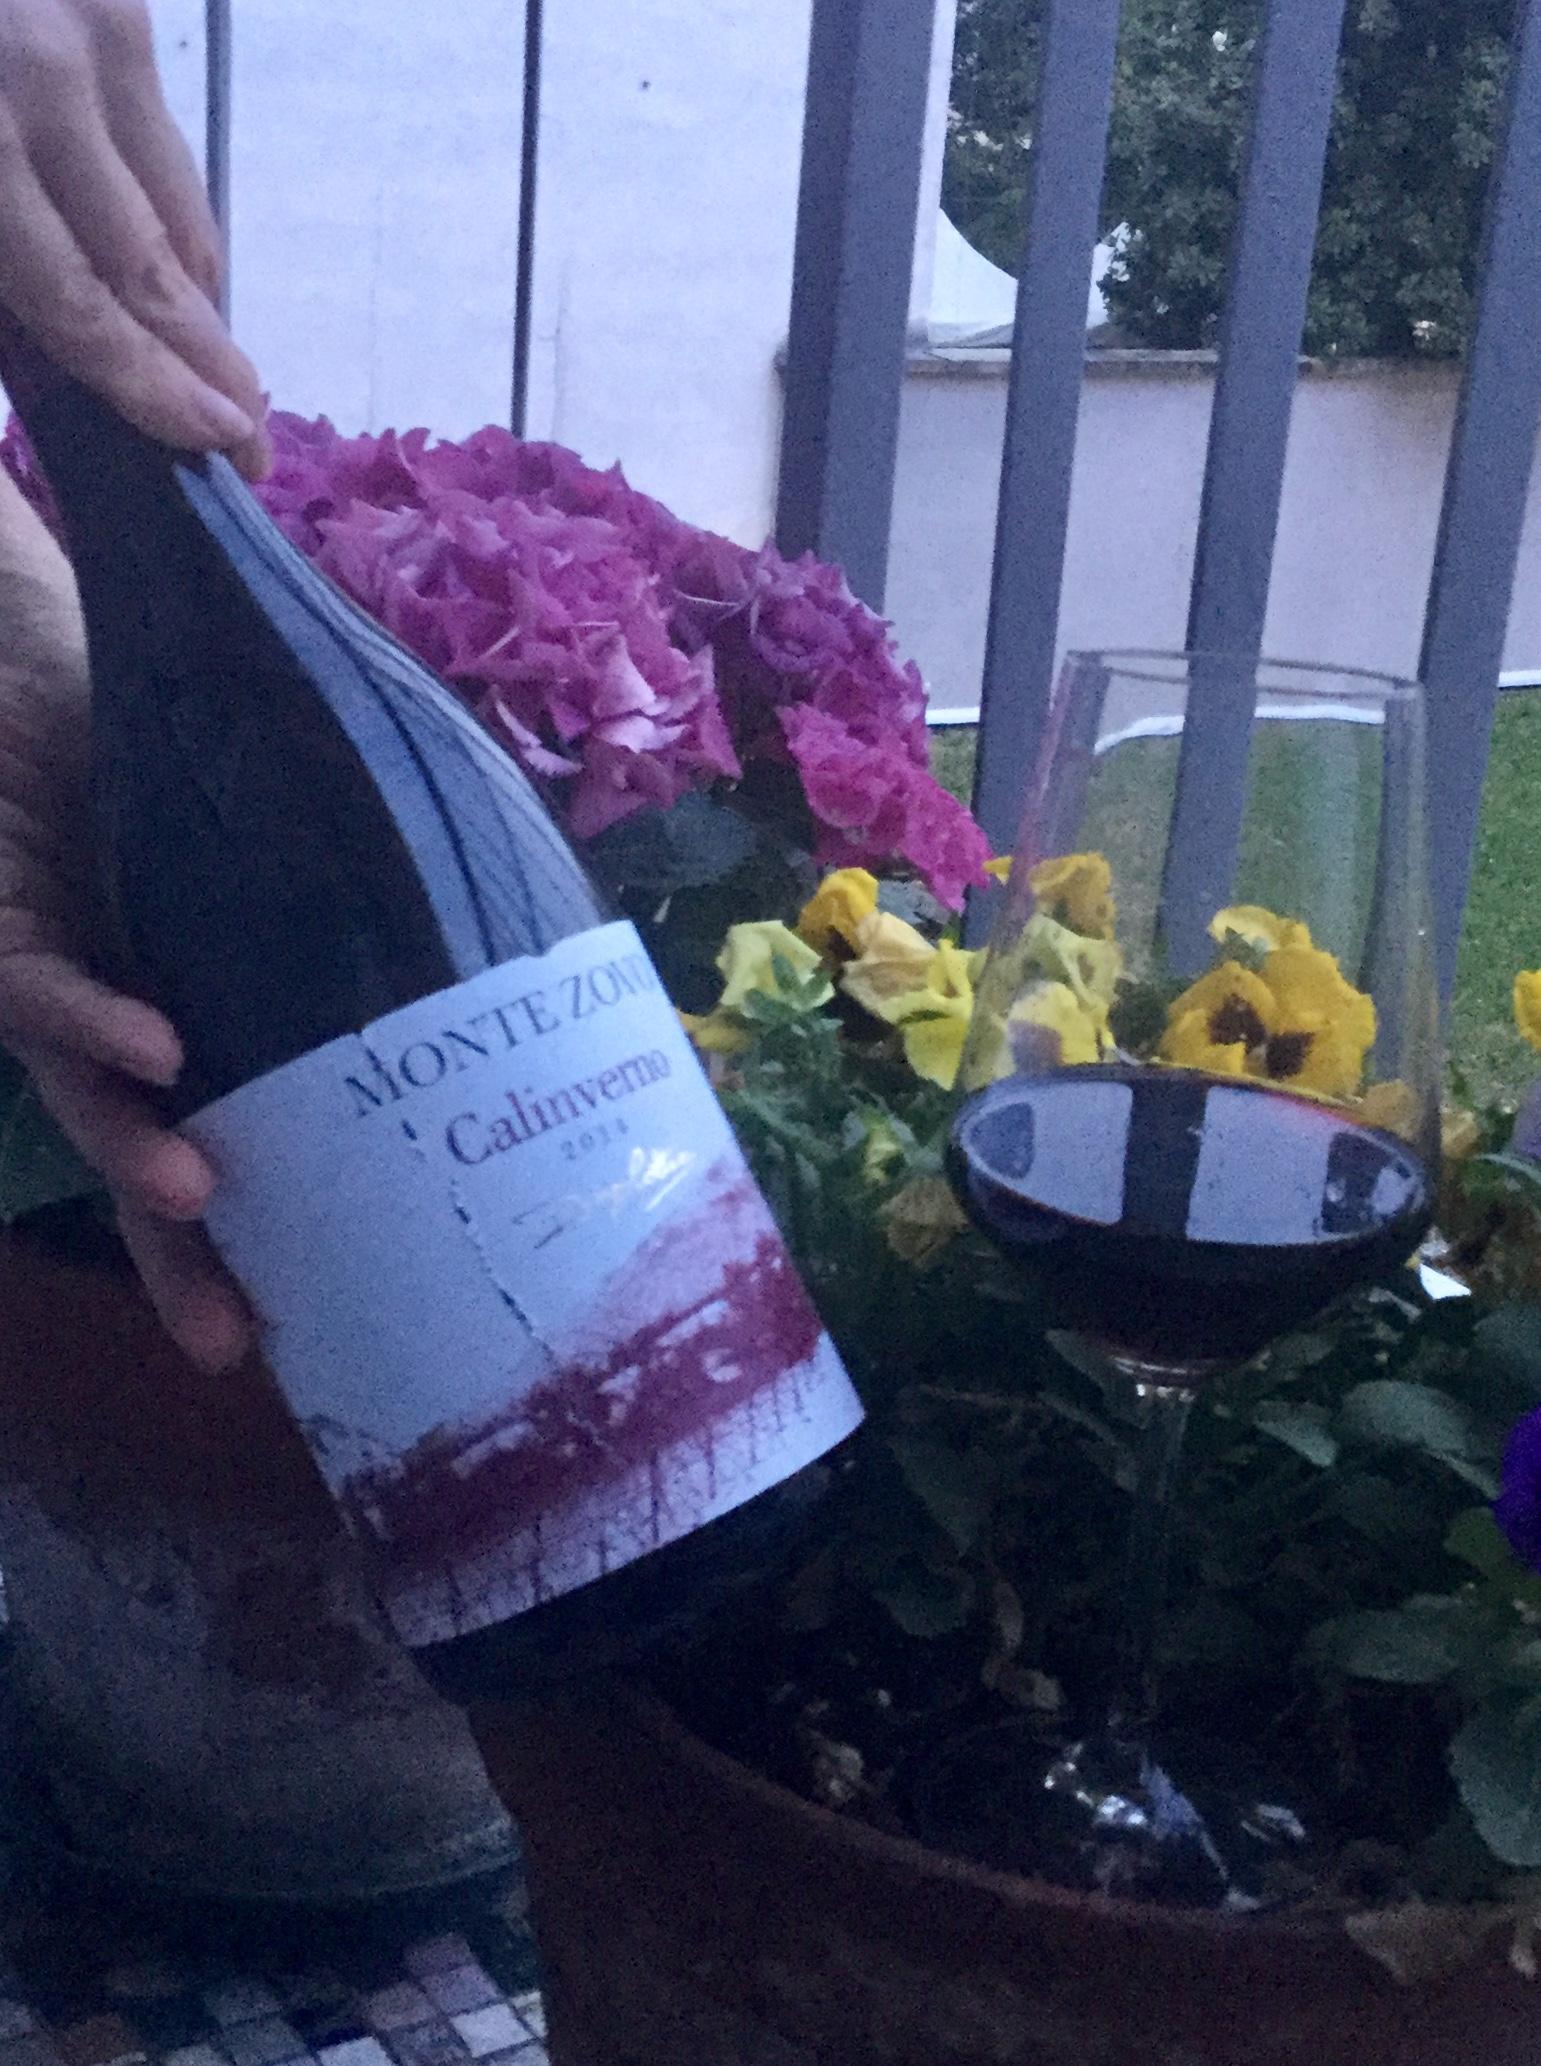 I migliori vini assaggiati in modalità Famelici